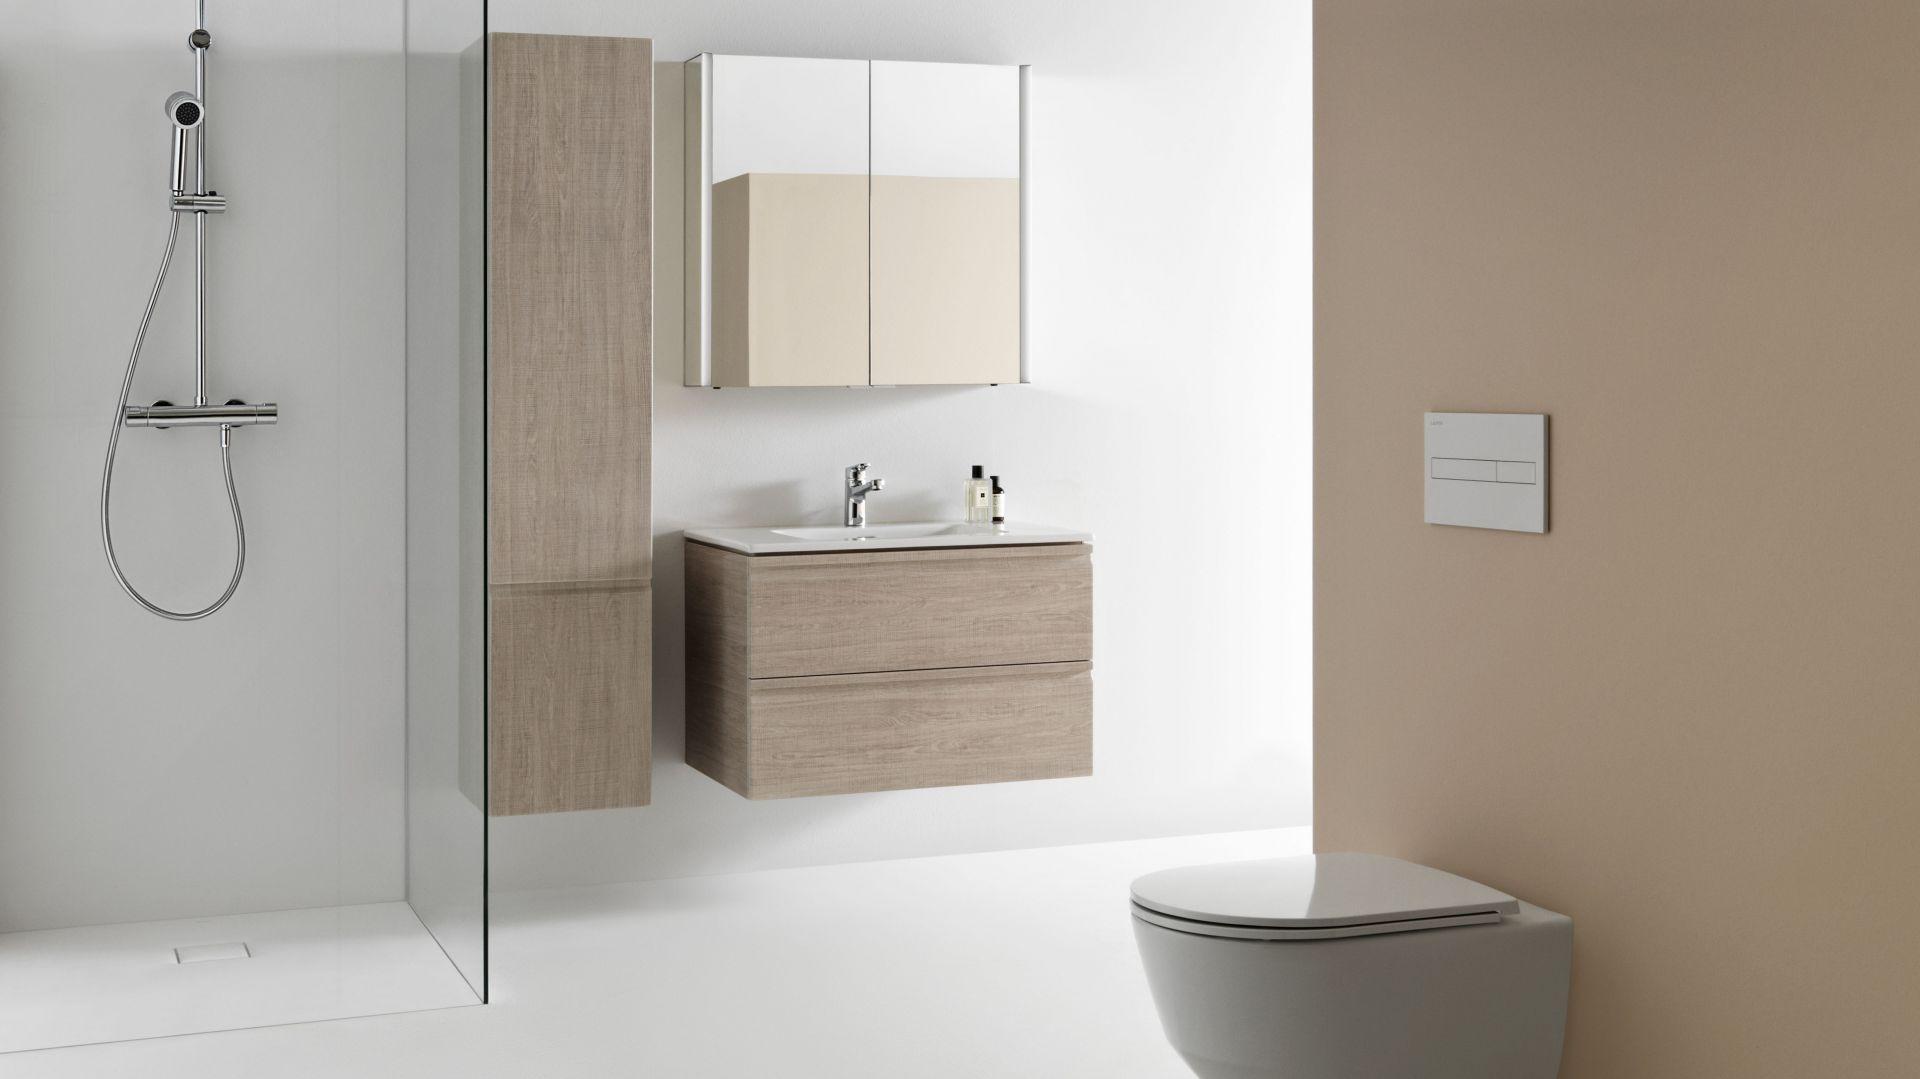 Brodziki Laufen Solutions - łazienka w innym wymiarze projektowania. Fot. Laufen